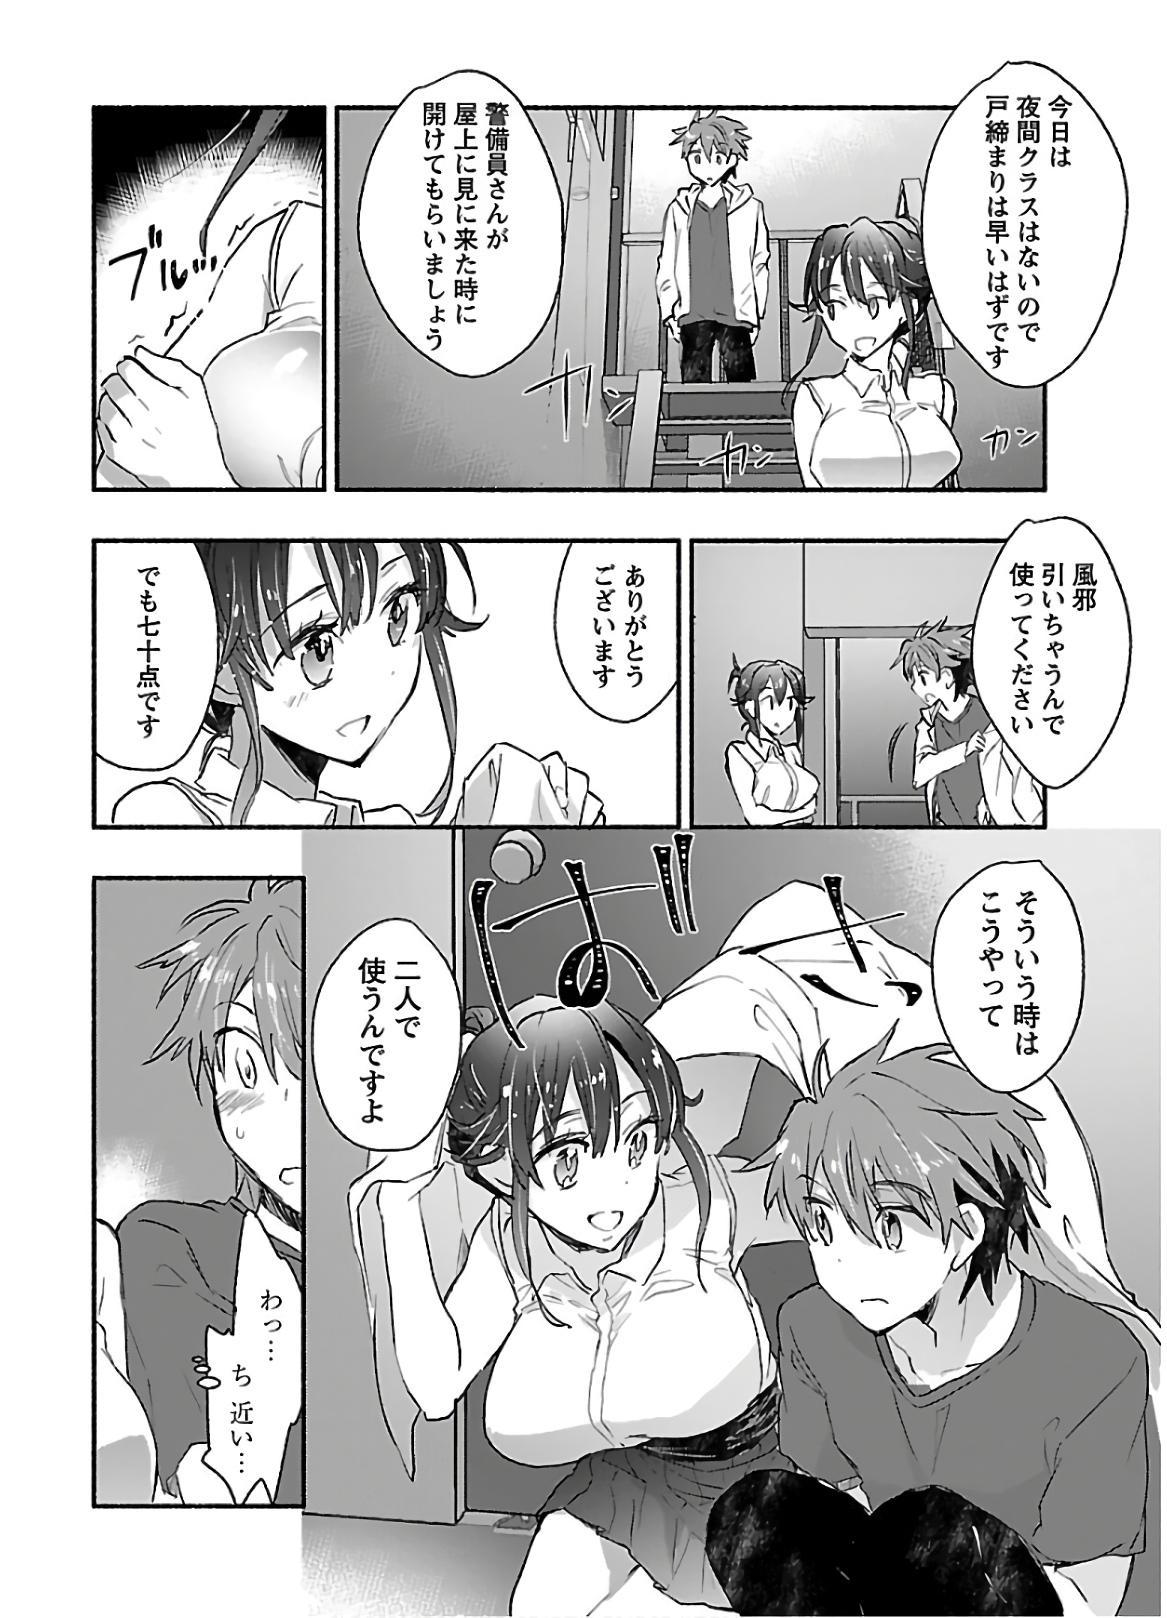 Yankii musume ni natsukarete kotoshi mo juken ni shippai shisou desu  vol.1 145